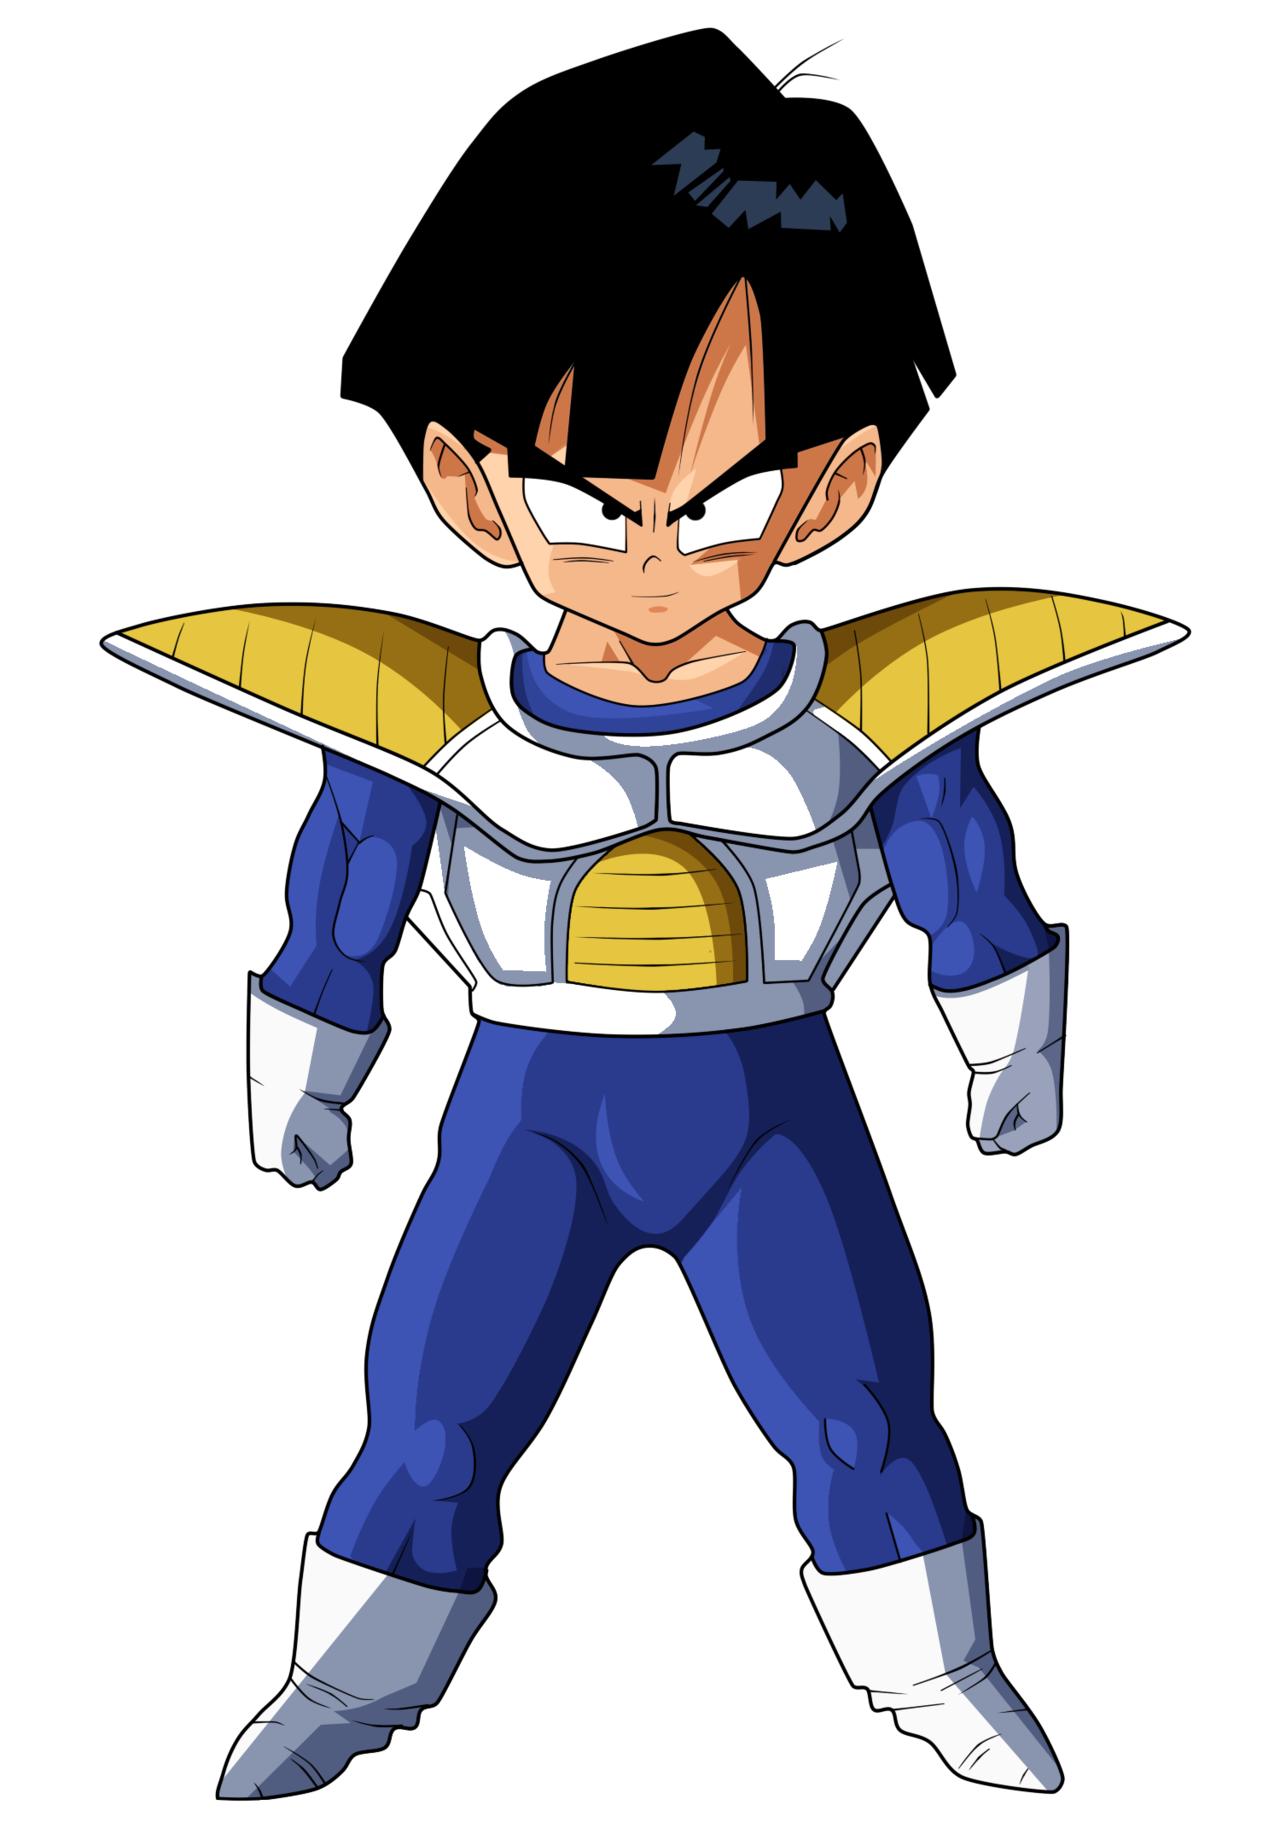 Gohan Namek (With images) Dragon ball z, Anime